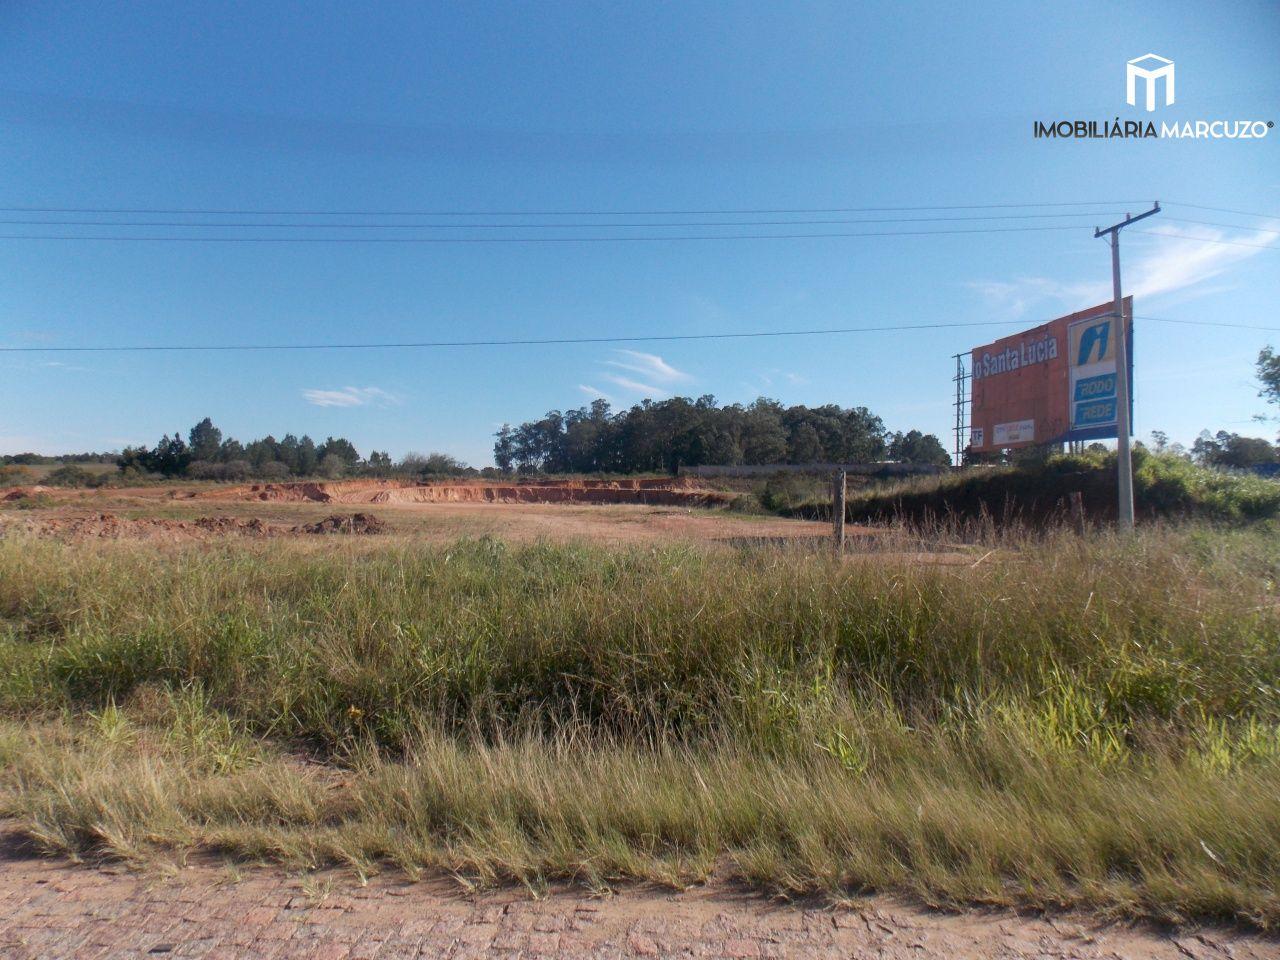 Terreno/Lote à venda, 300.000 m² por R$ 10.000.000,00